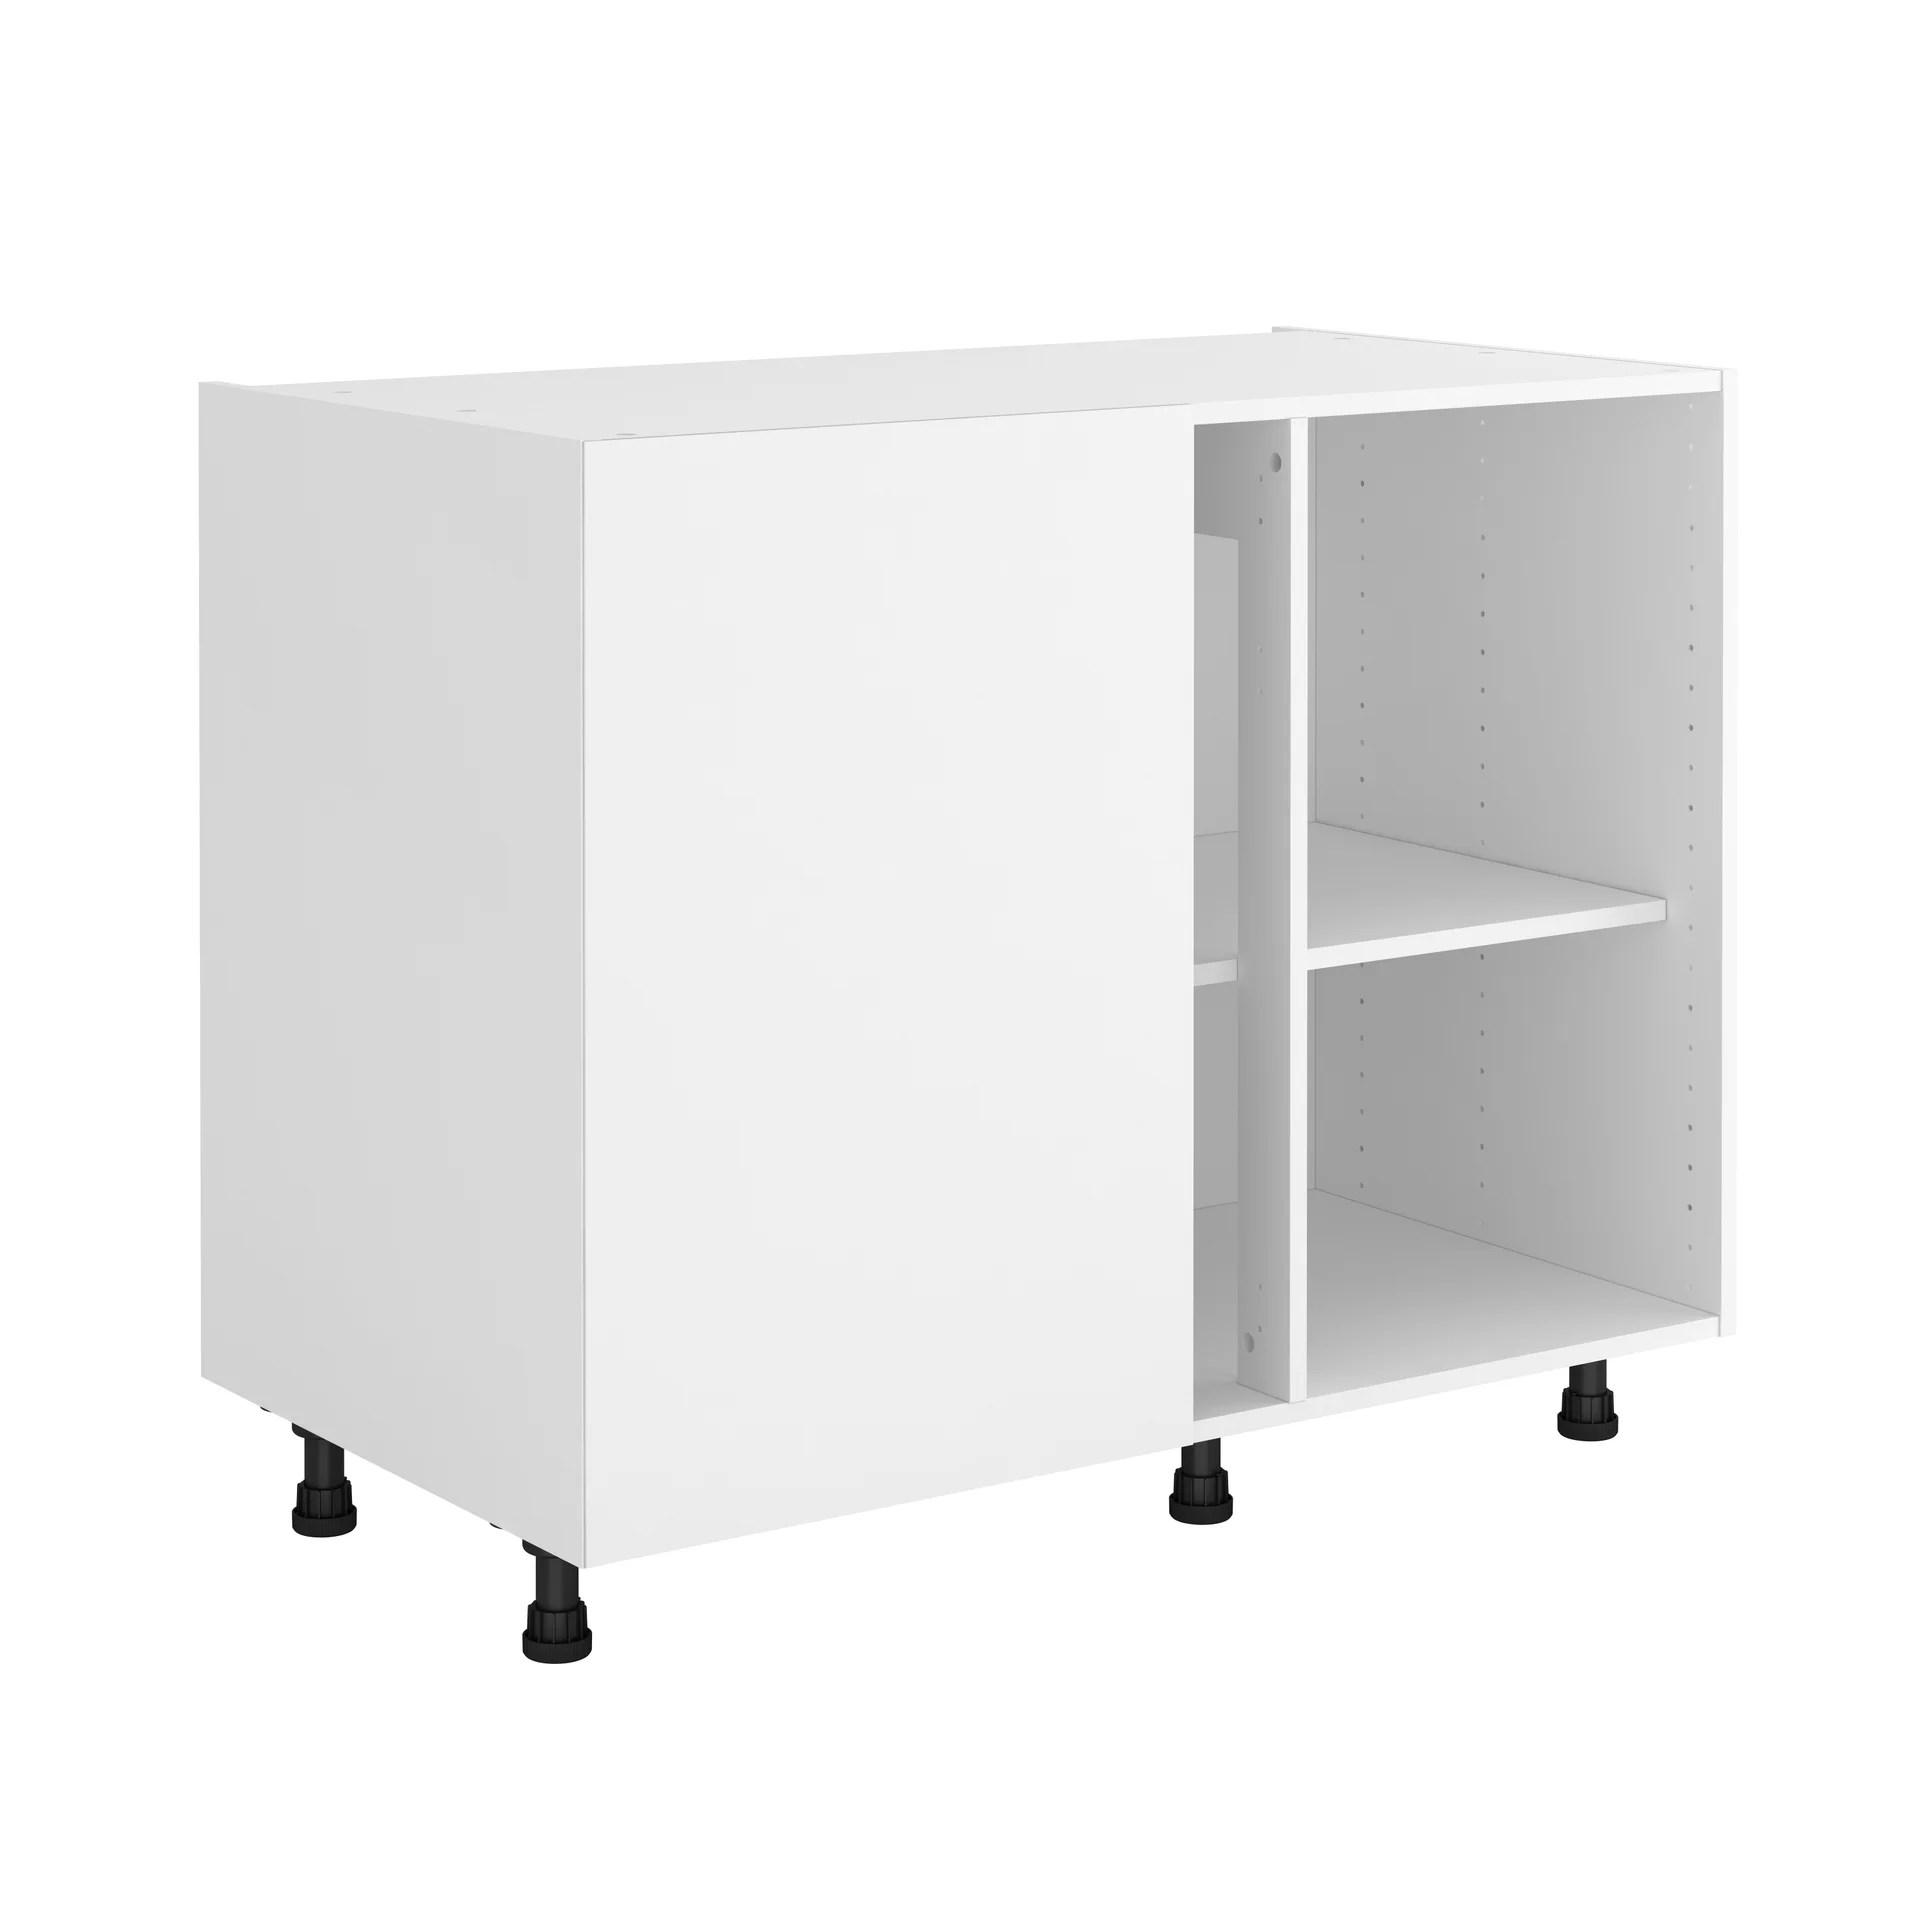 caisson de cuisine meuble bas d angle delinia id blanc h 76 8 x l 106 x p 58 cm